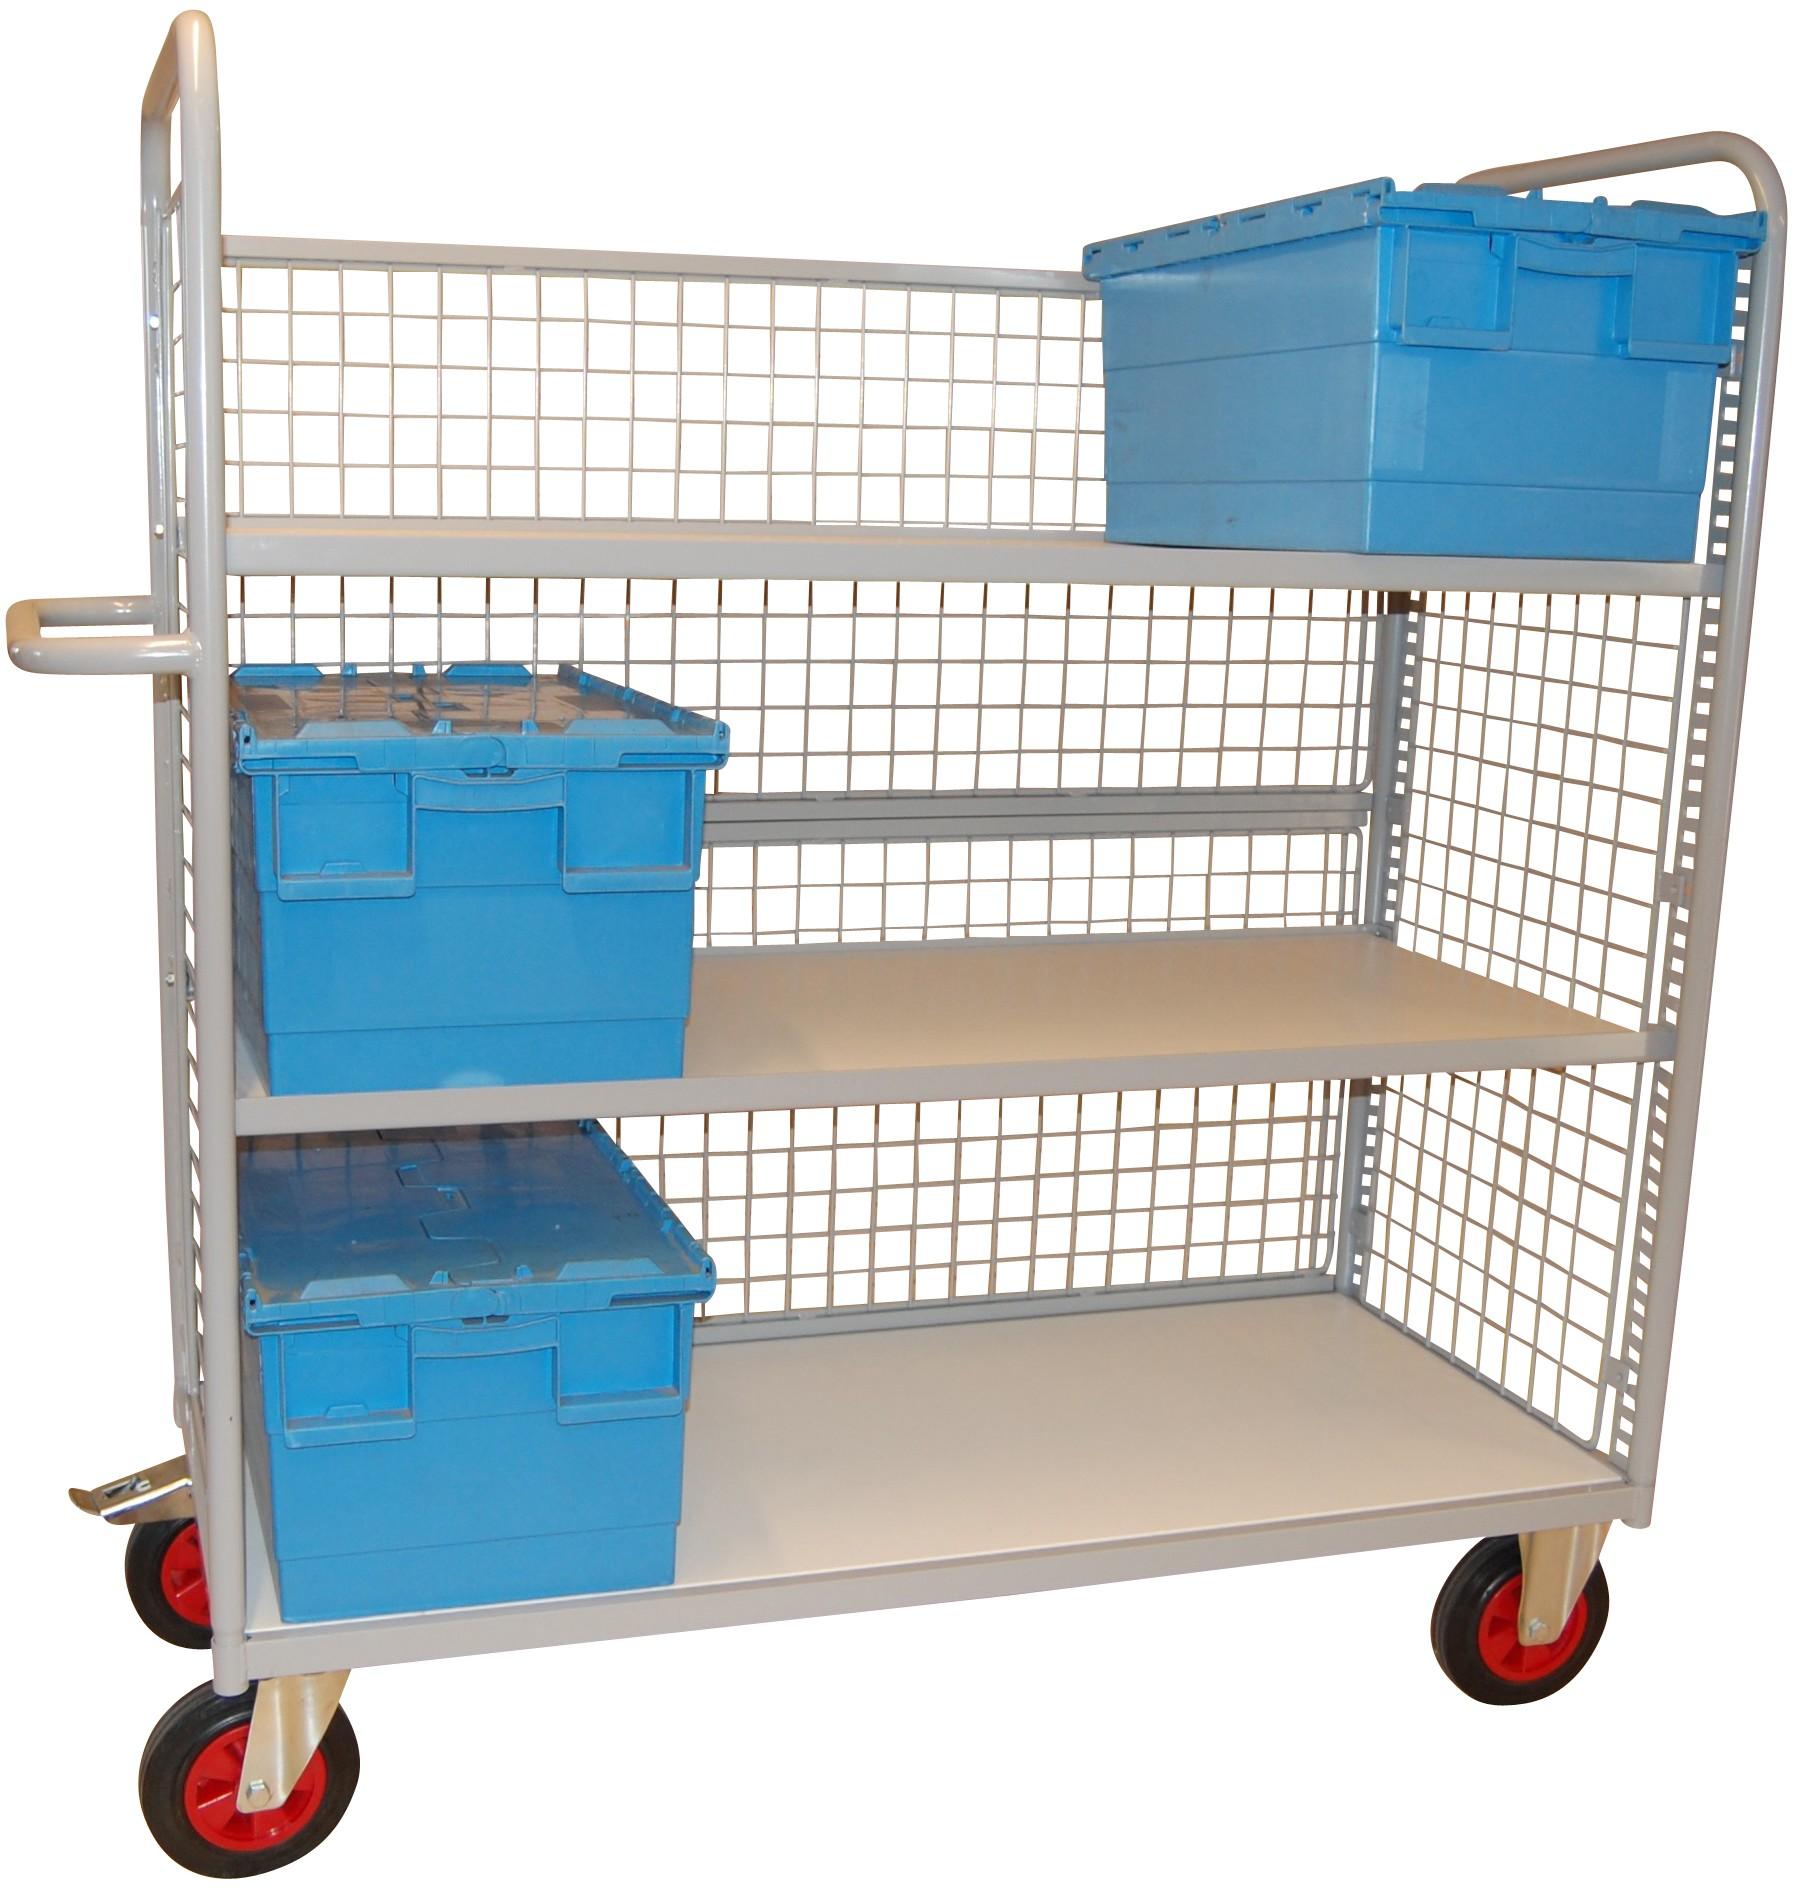 Produit: Chariot plateaux- 2 étagères réglables en hauteur- 2 joues latérales grillagées - 3 plateau...